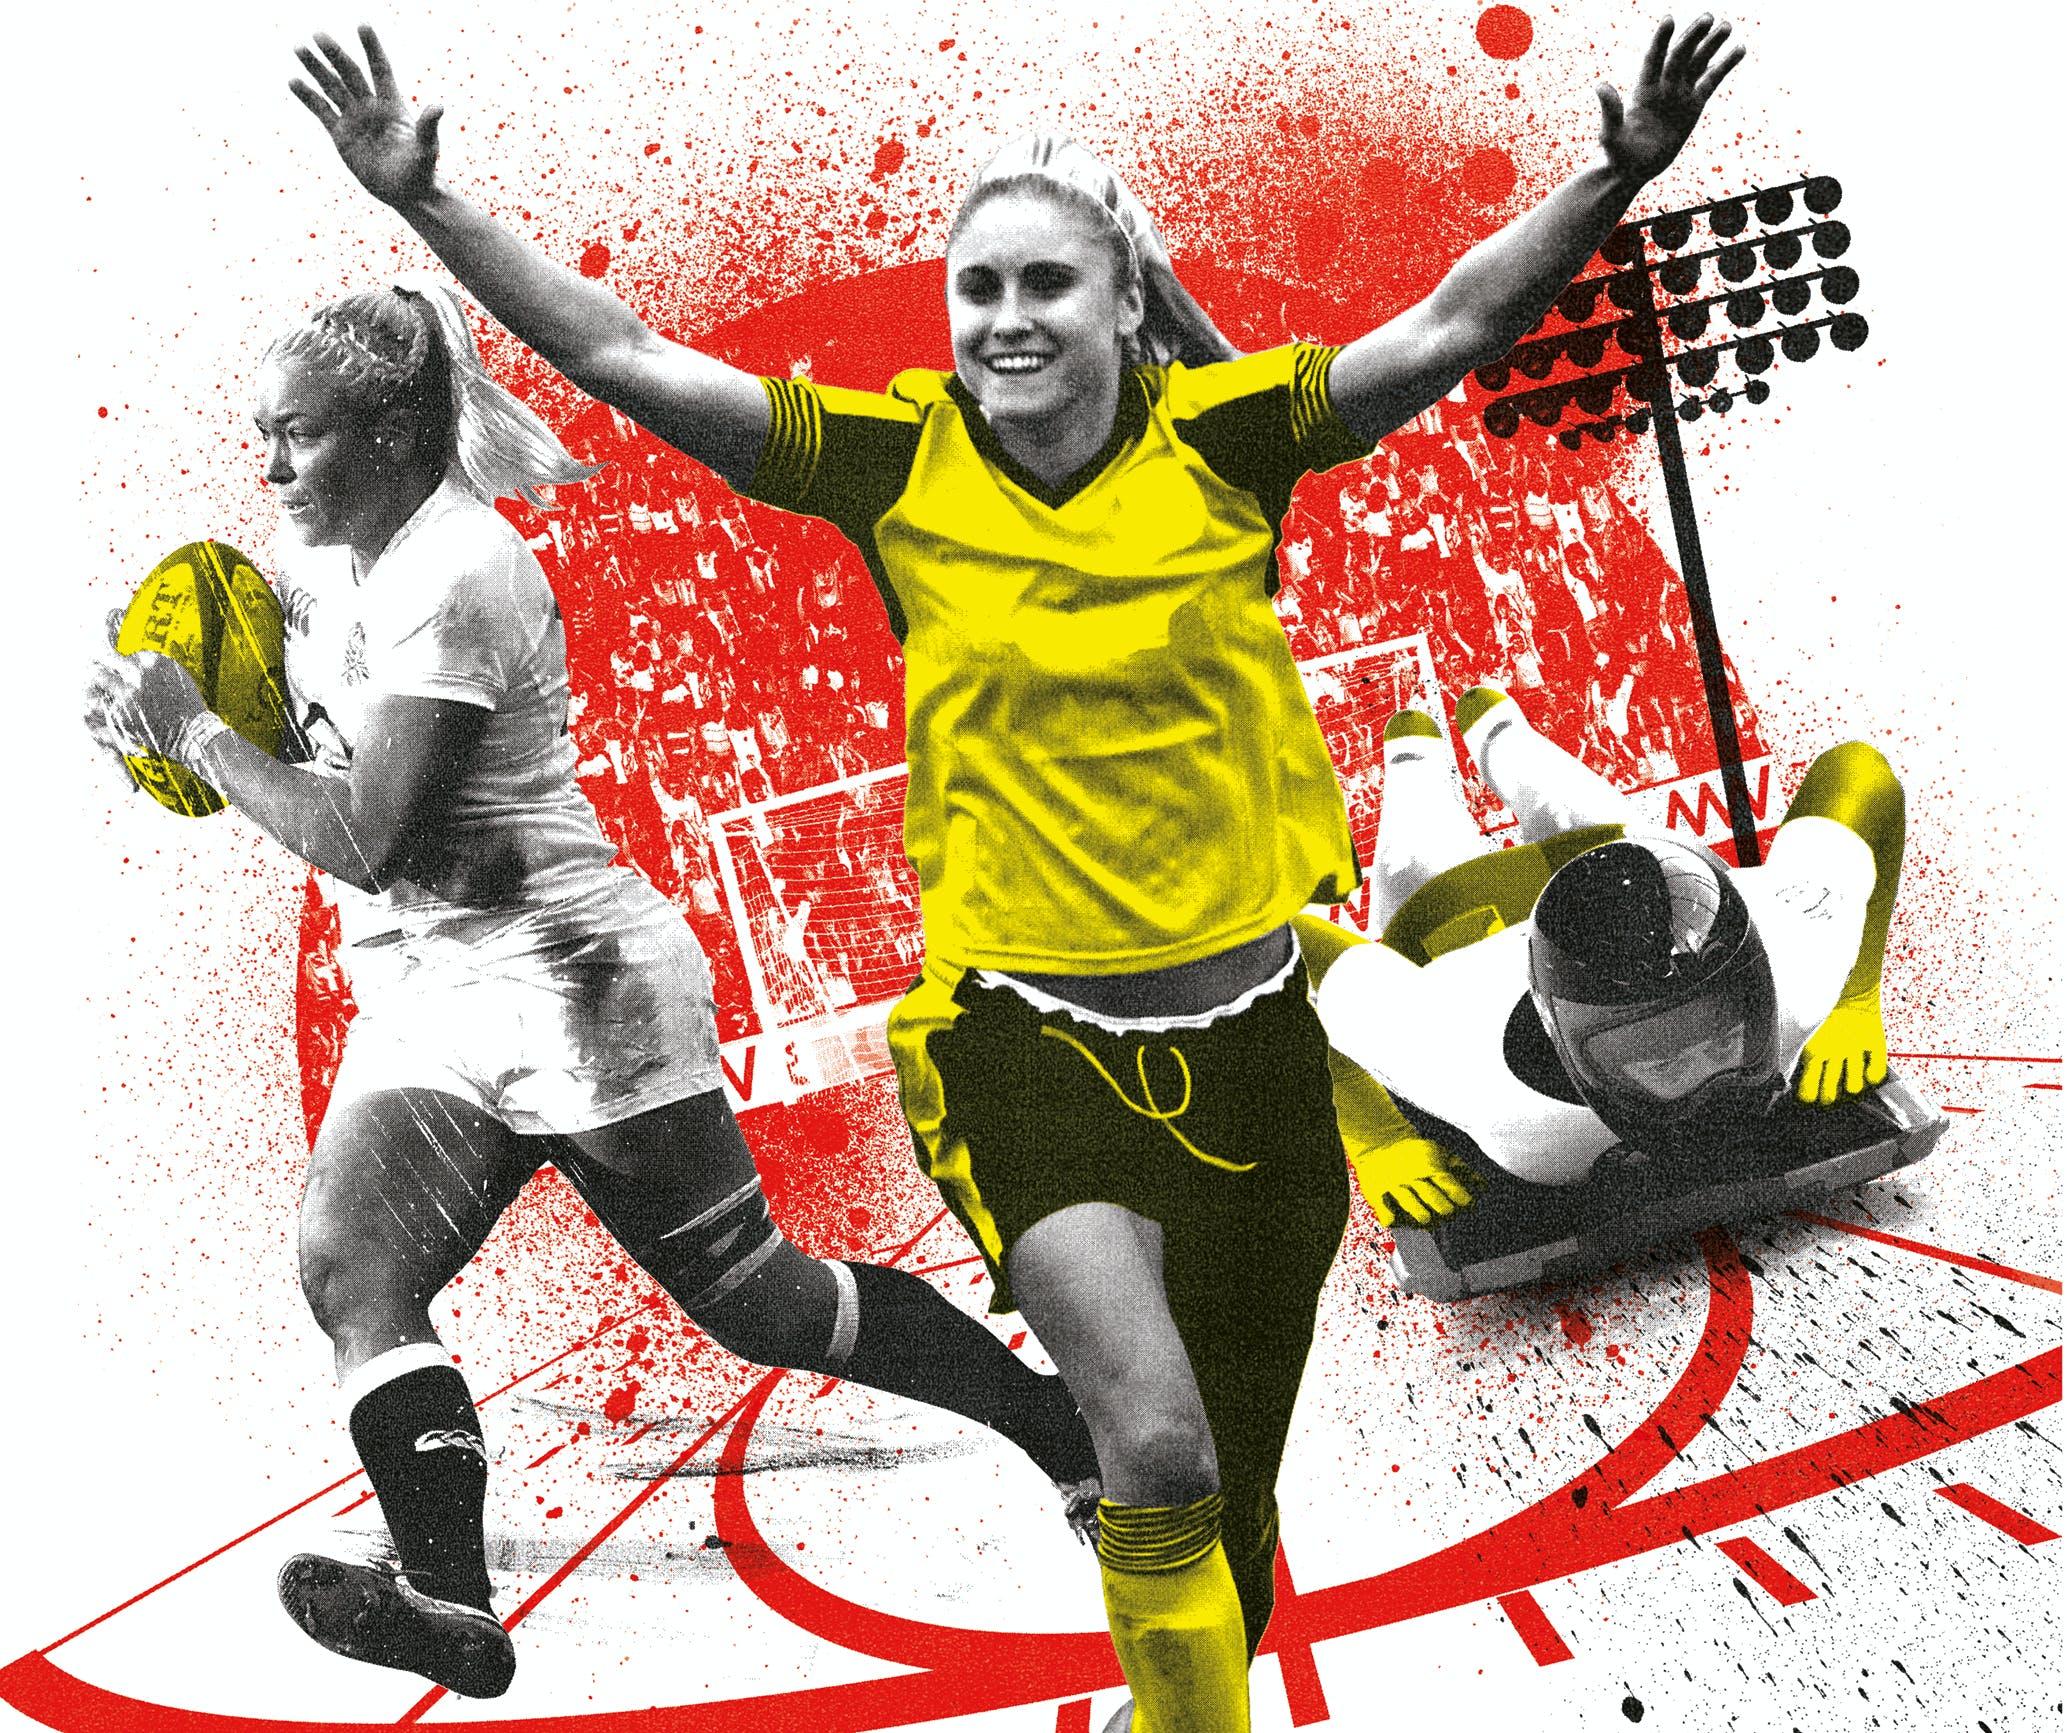 Women's sport sponsorship 2